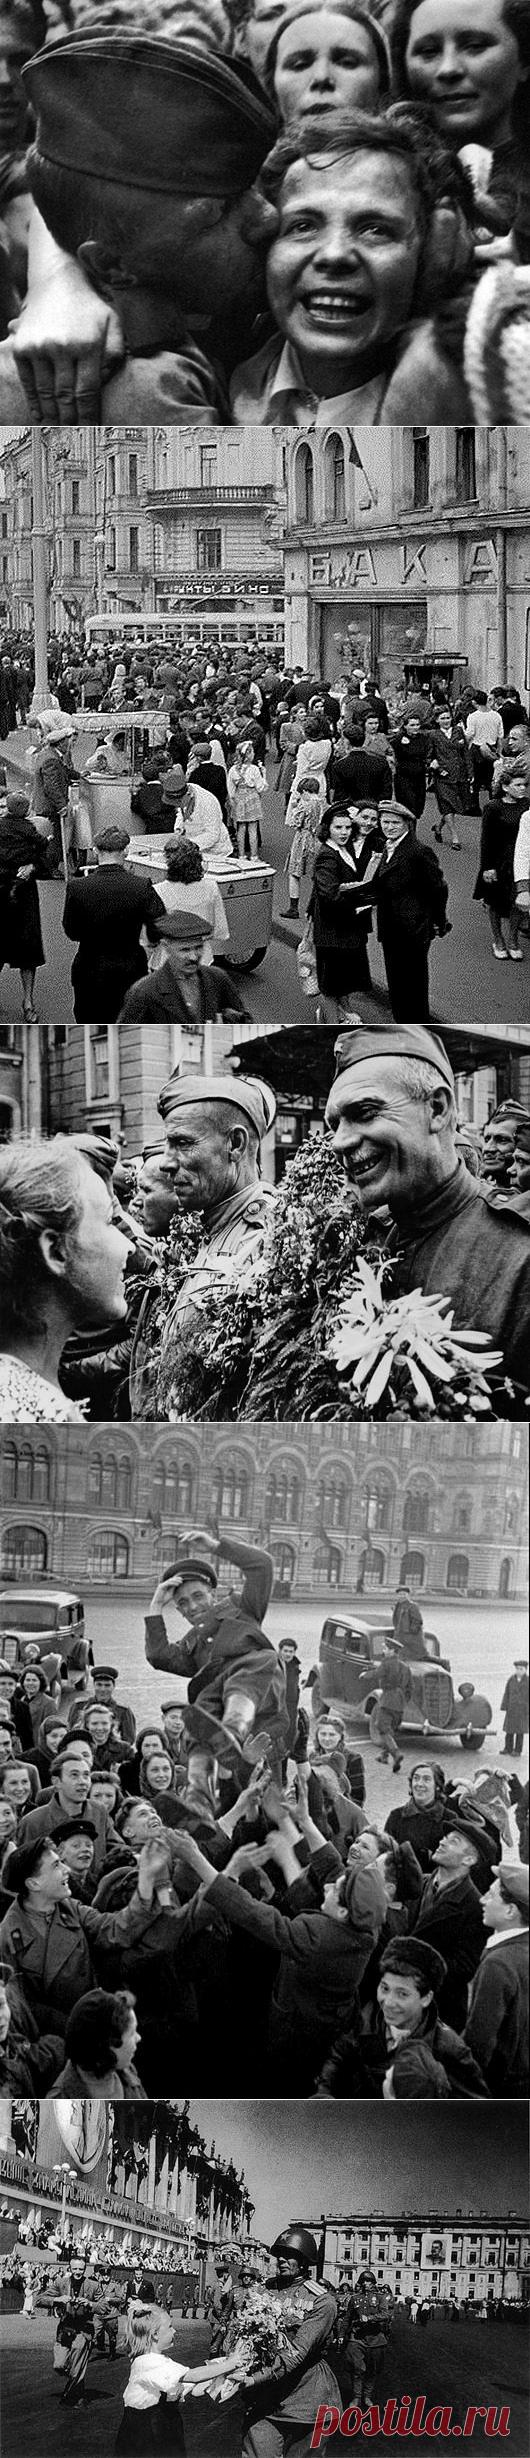 Тот самый День Победы: 9 мая 1945 года! / Назад в СССР / Back in USSR